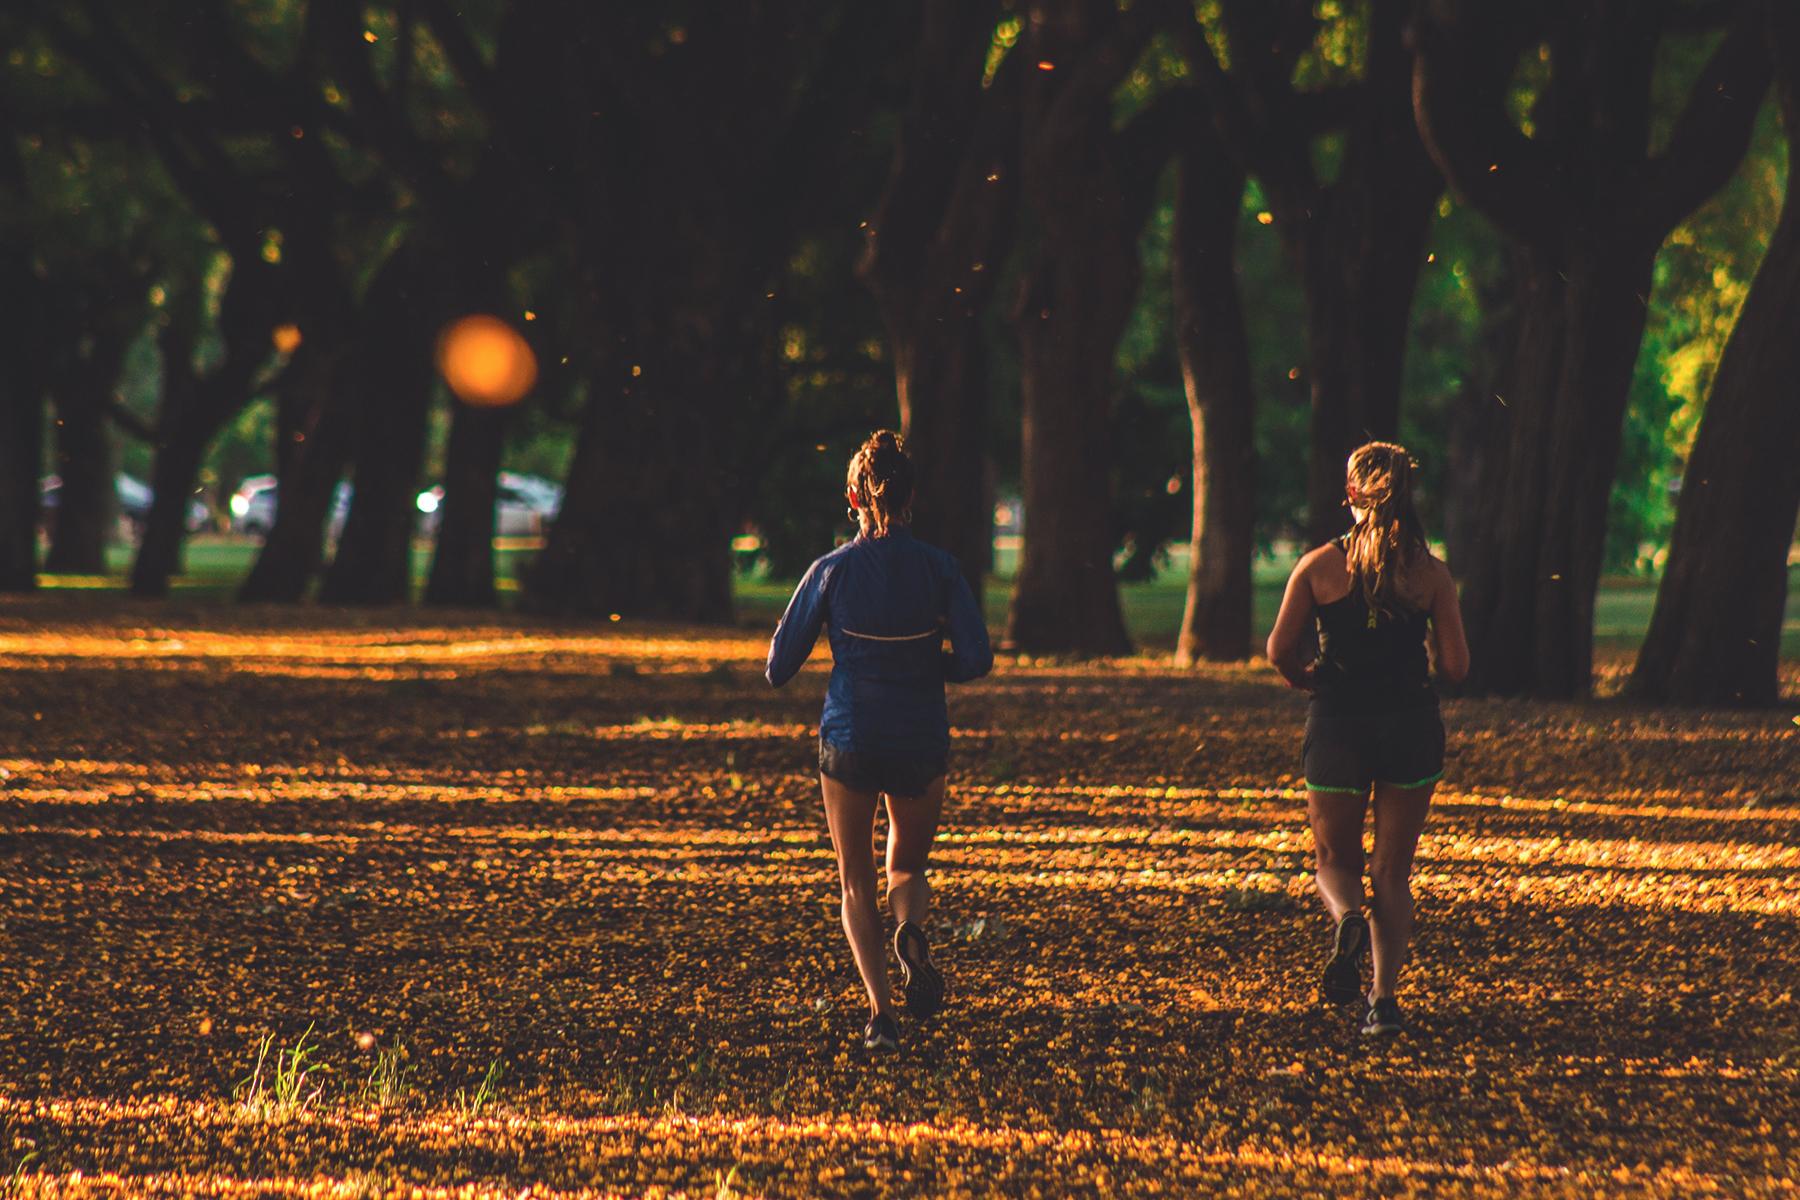 Laufen Herbst Koeln 1 Artikel – ©Unsplash